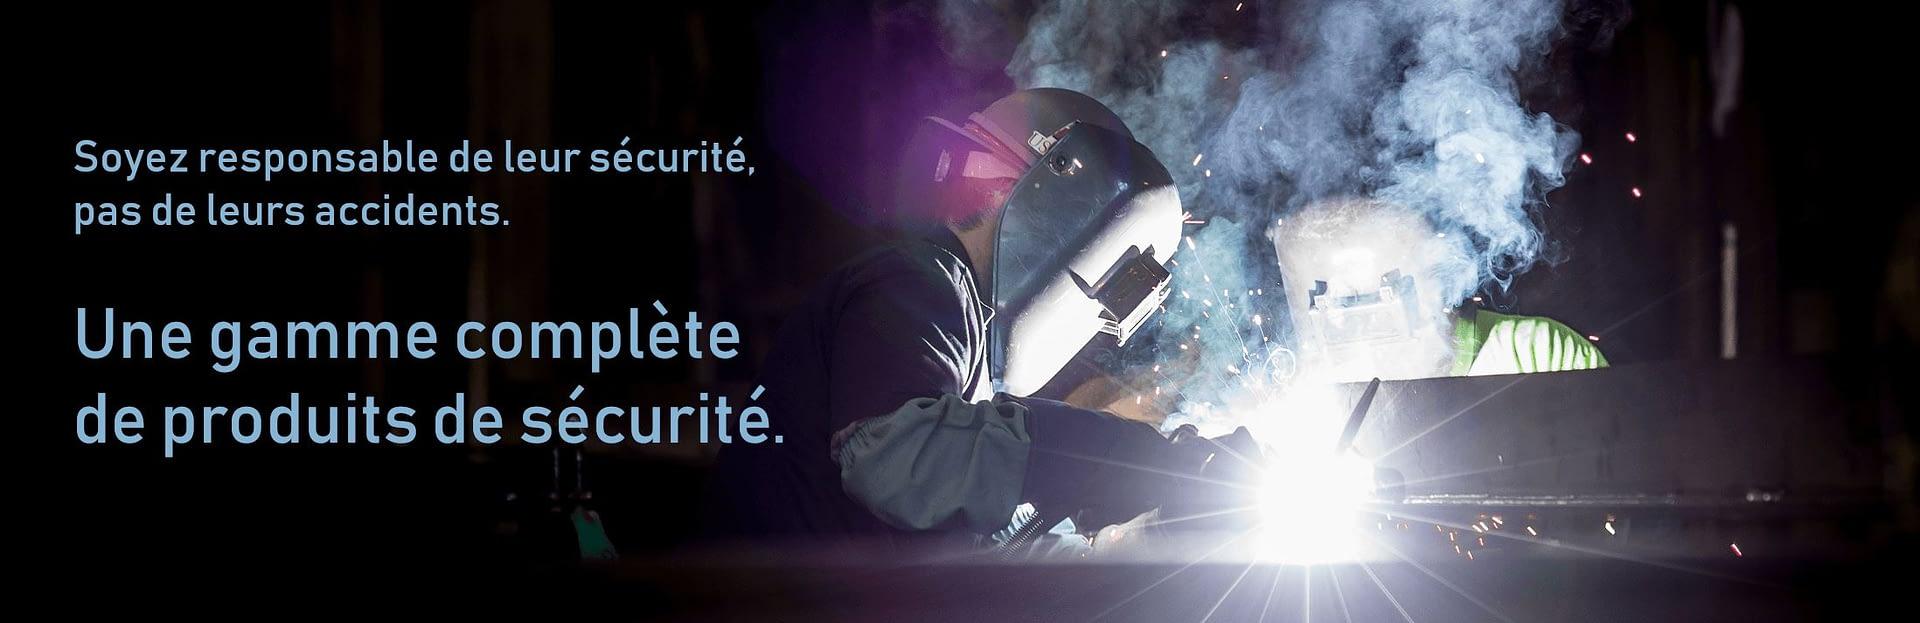 Une-gamme-complete-de-produits-de-securite